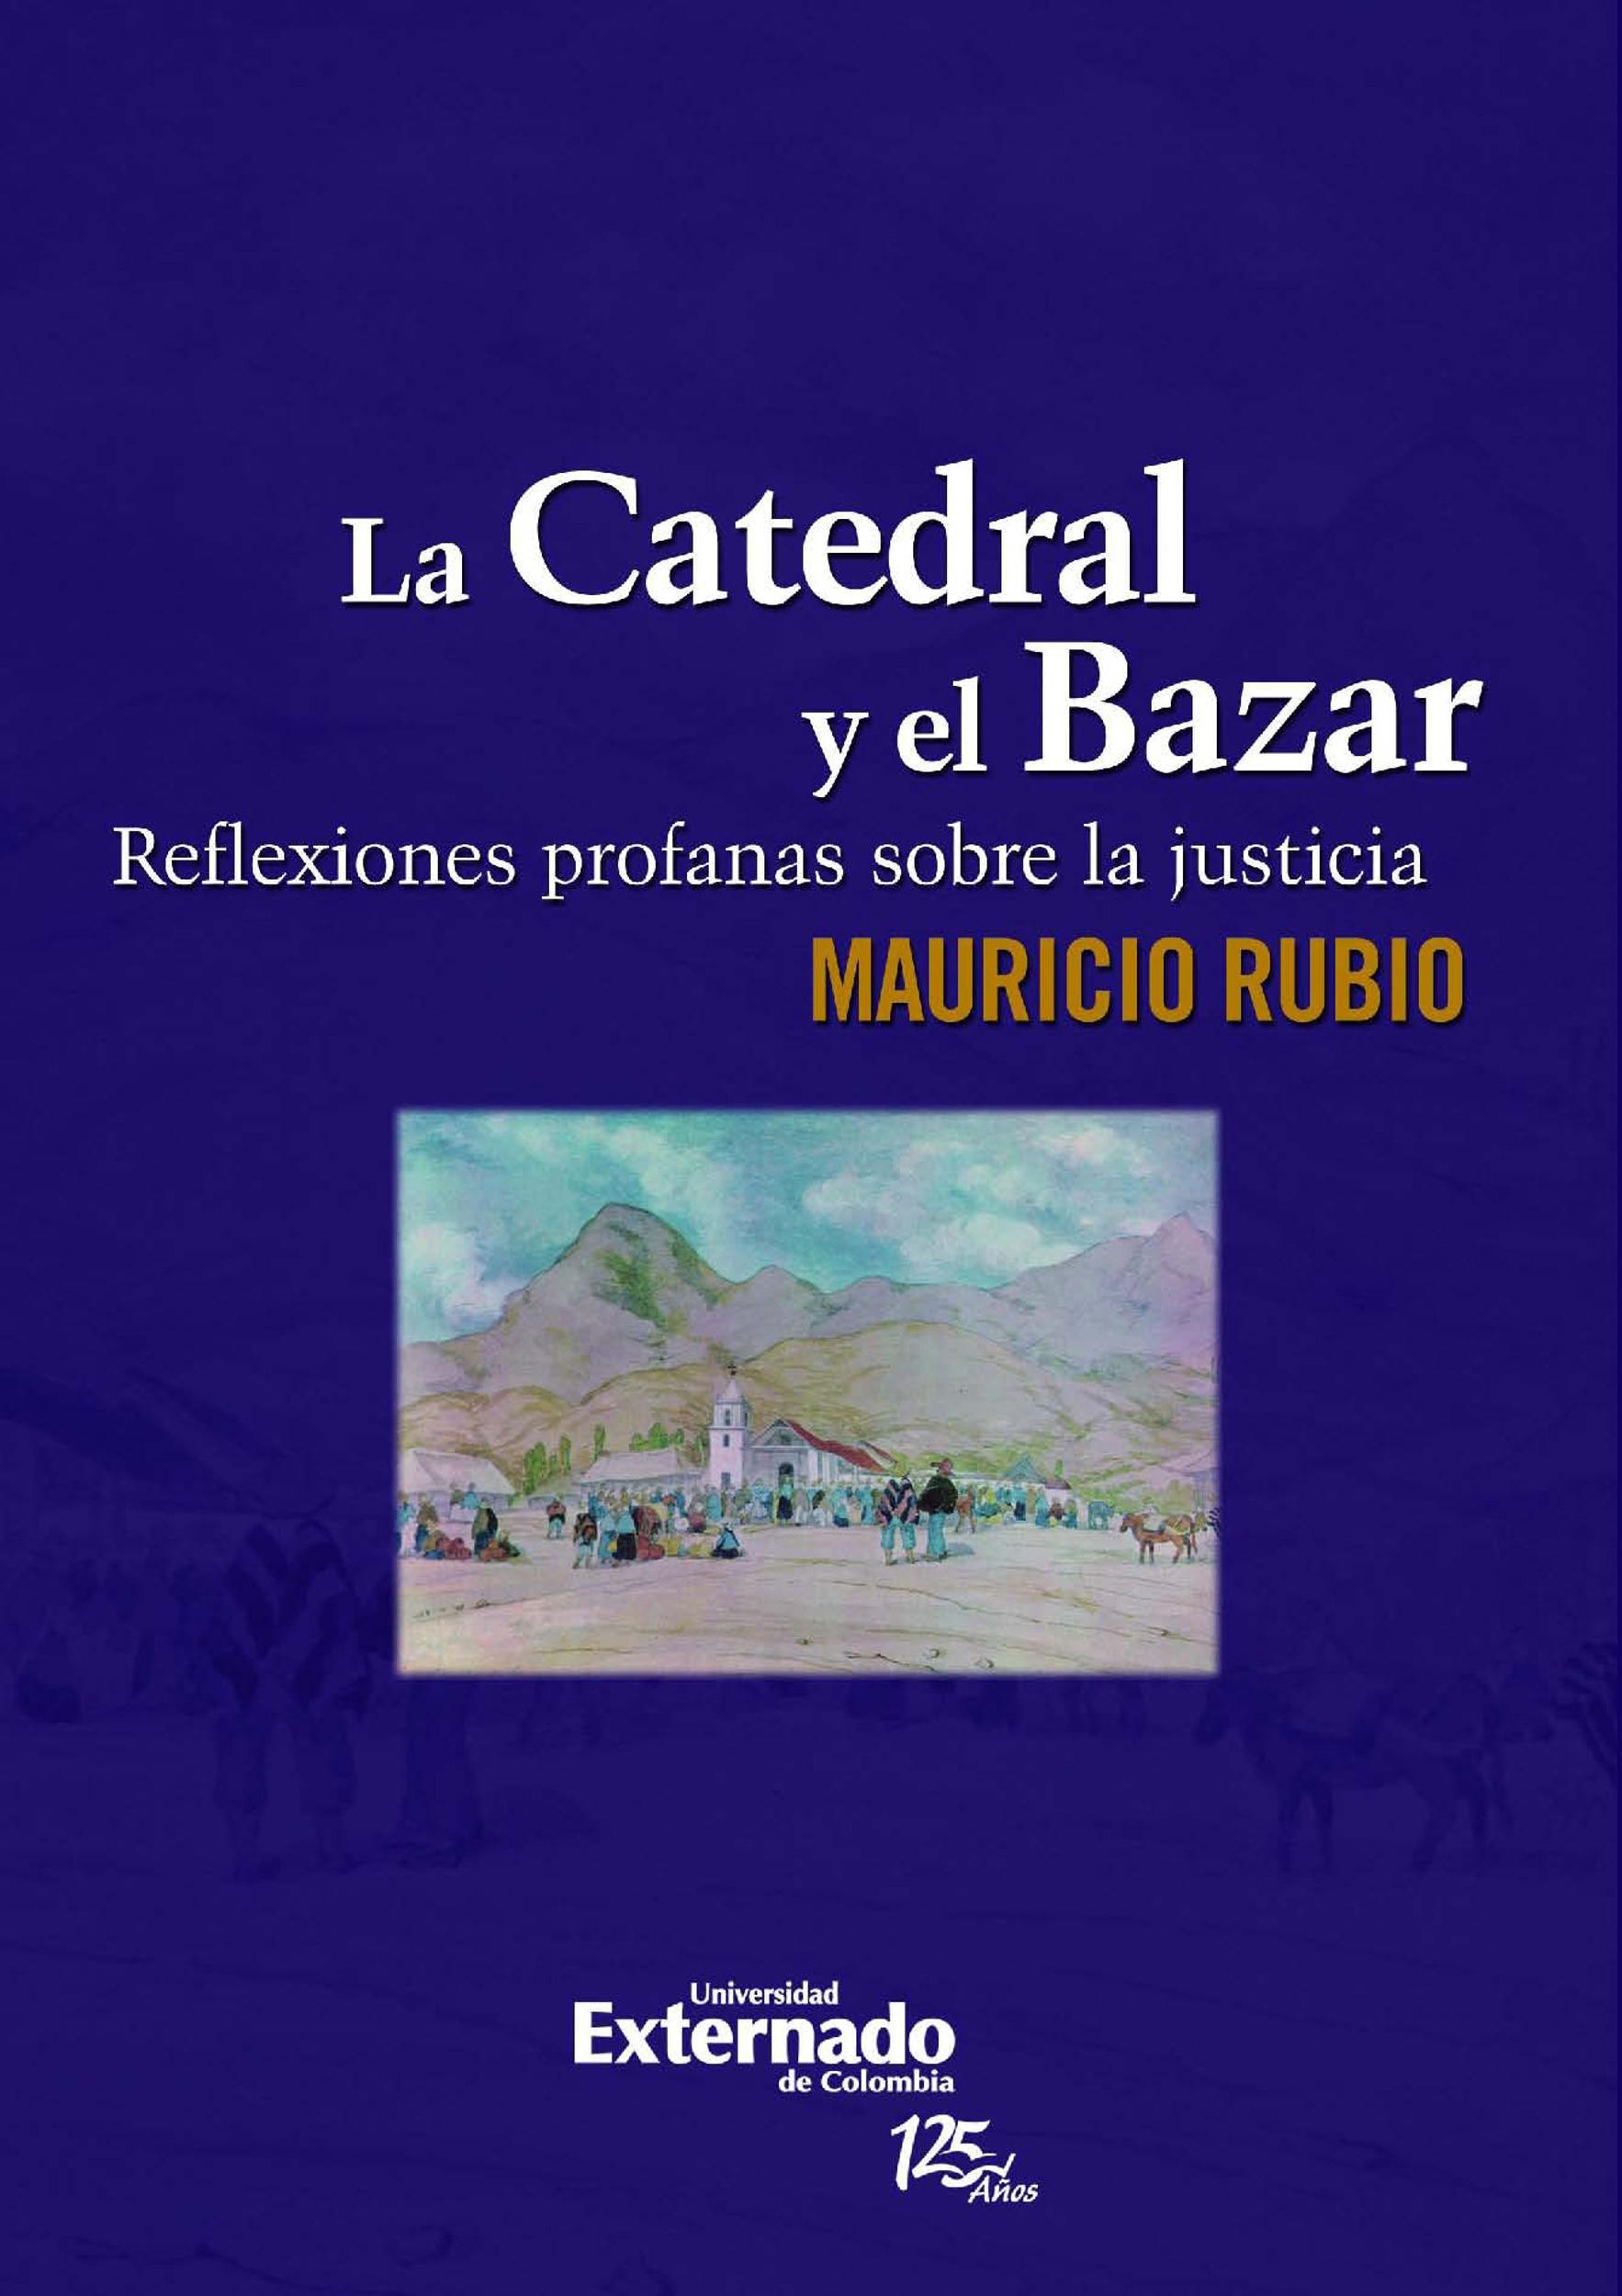 La Catedral y el Bazar